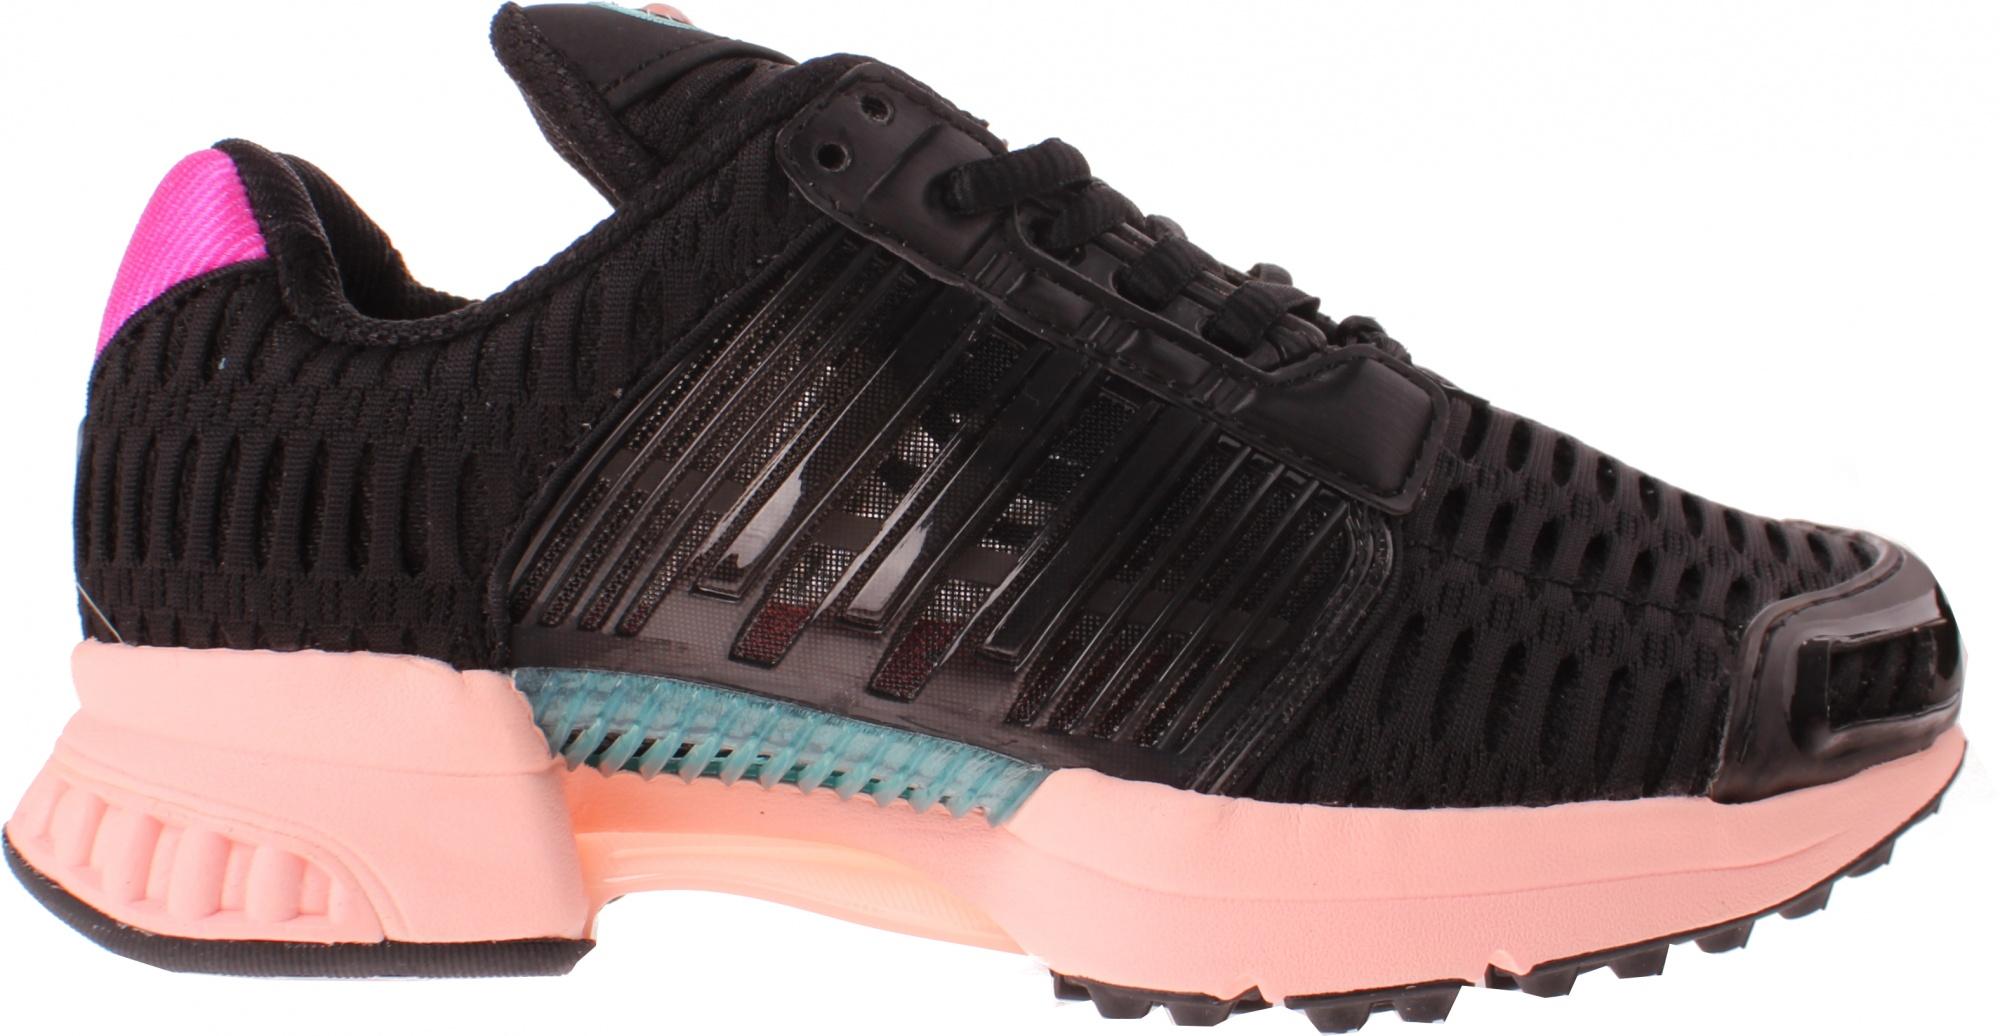 online retailer f9045 c5634 Opruiming adidas sneakers Climacool dames zwartroze. Vergroten